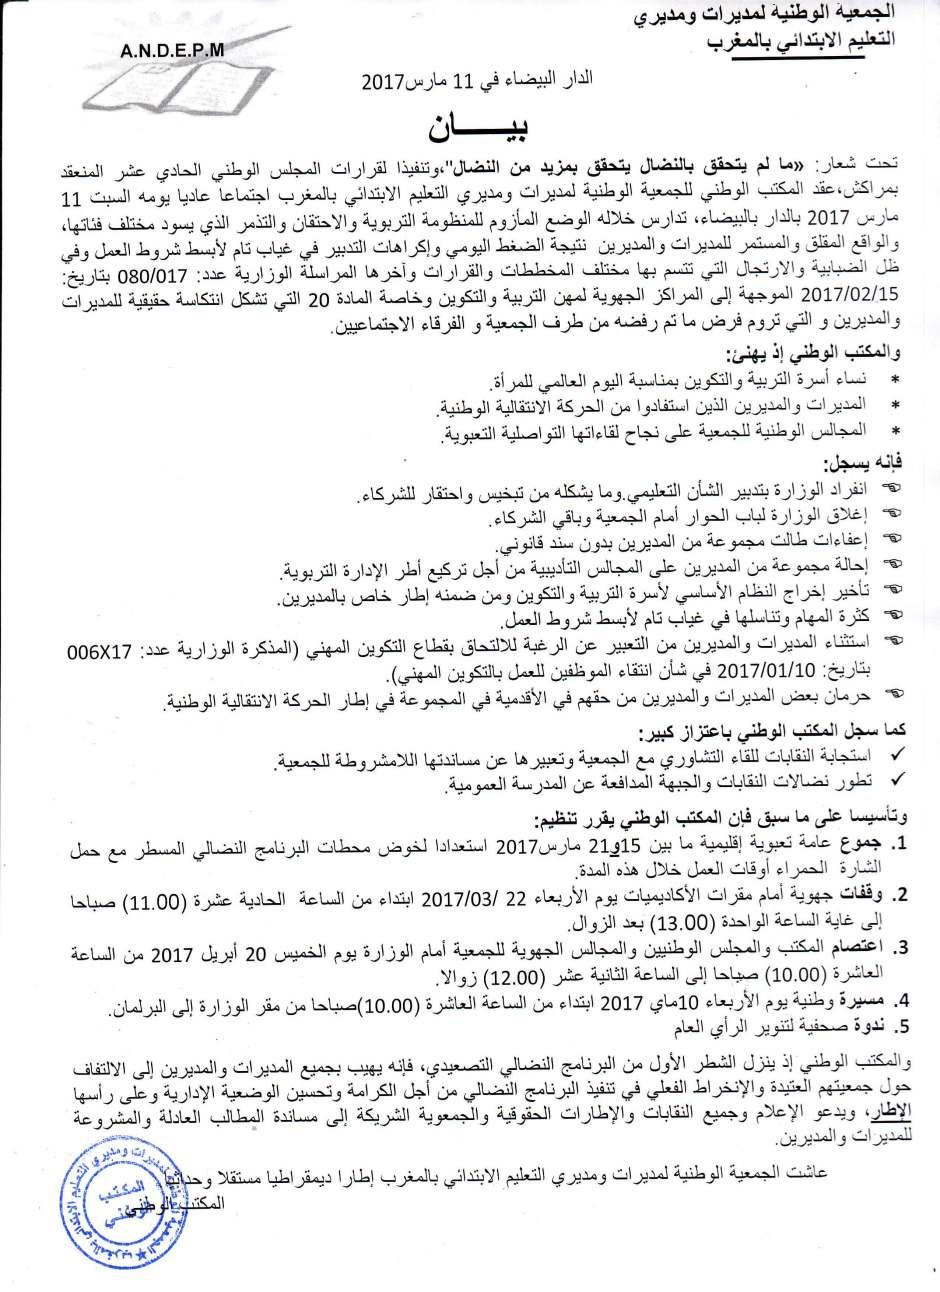 بيان المكتب الوطني 11 مارس2017 جمعية المديرين